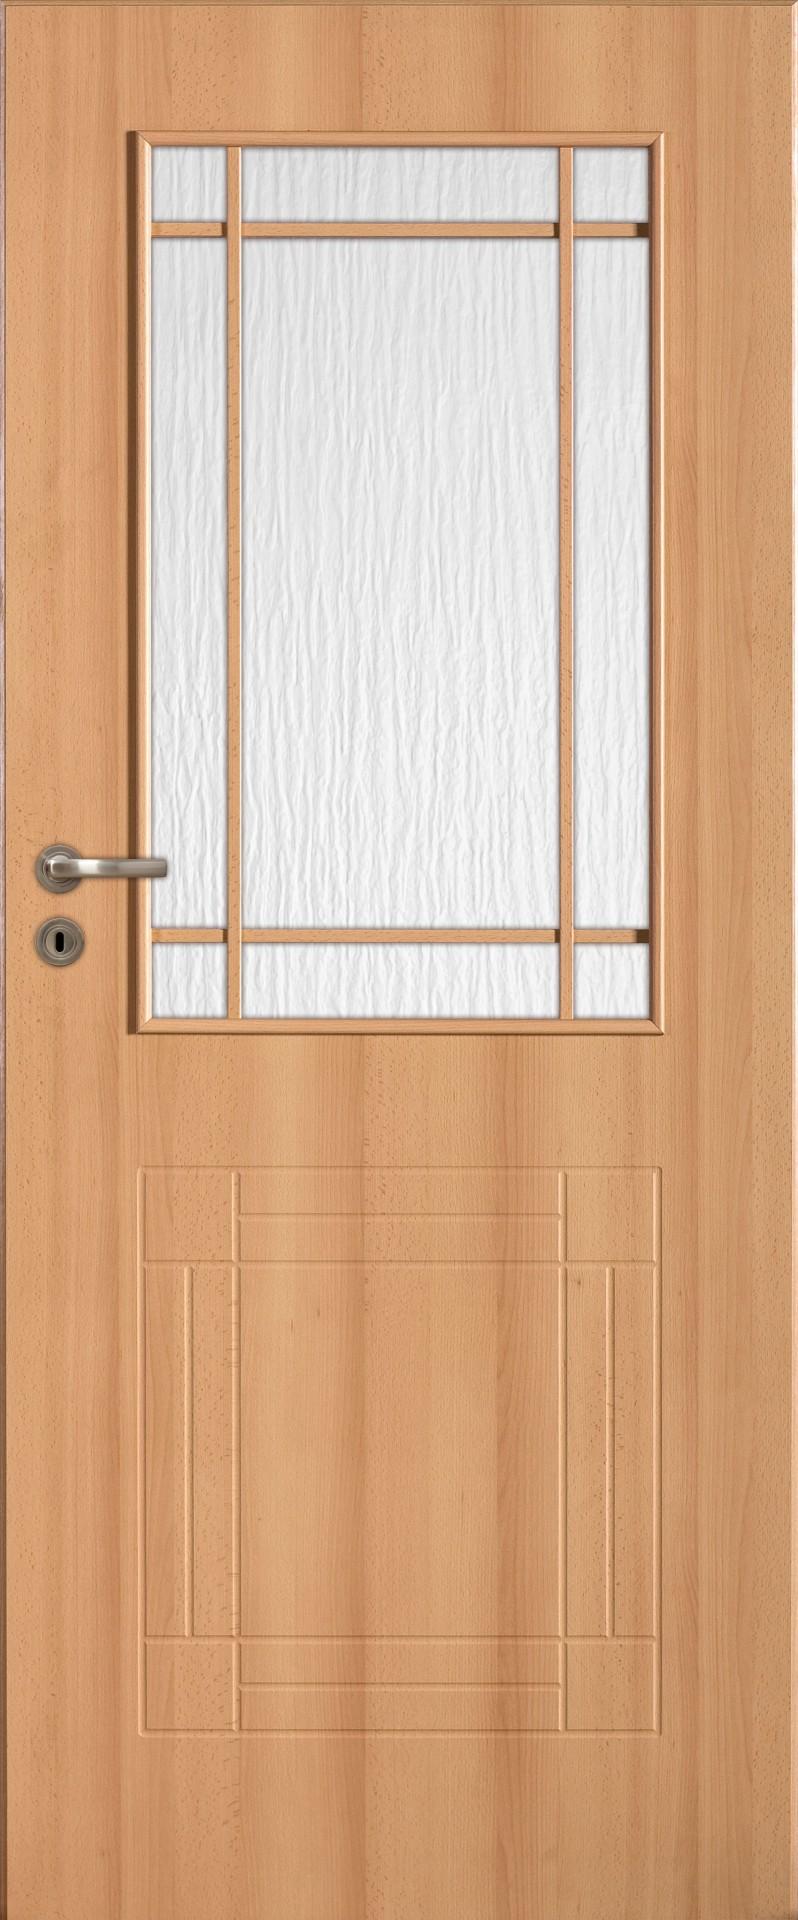 Dre dveře Linea 30s, Šíře v cm 90